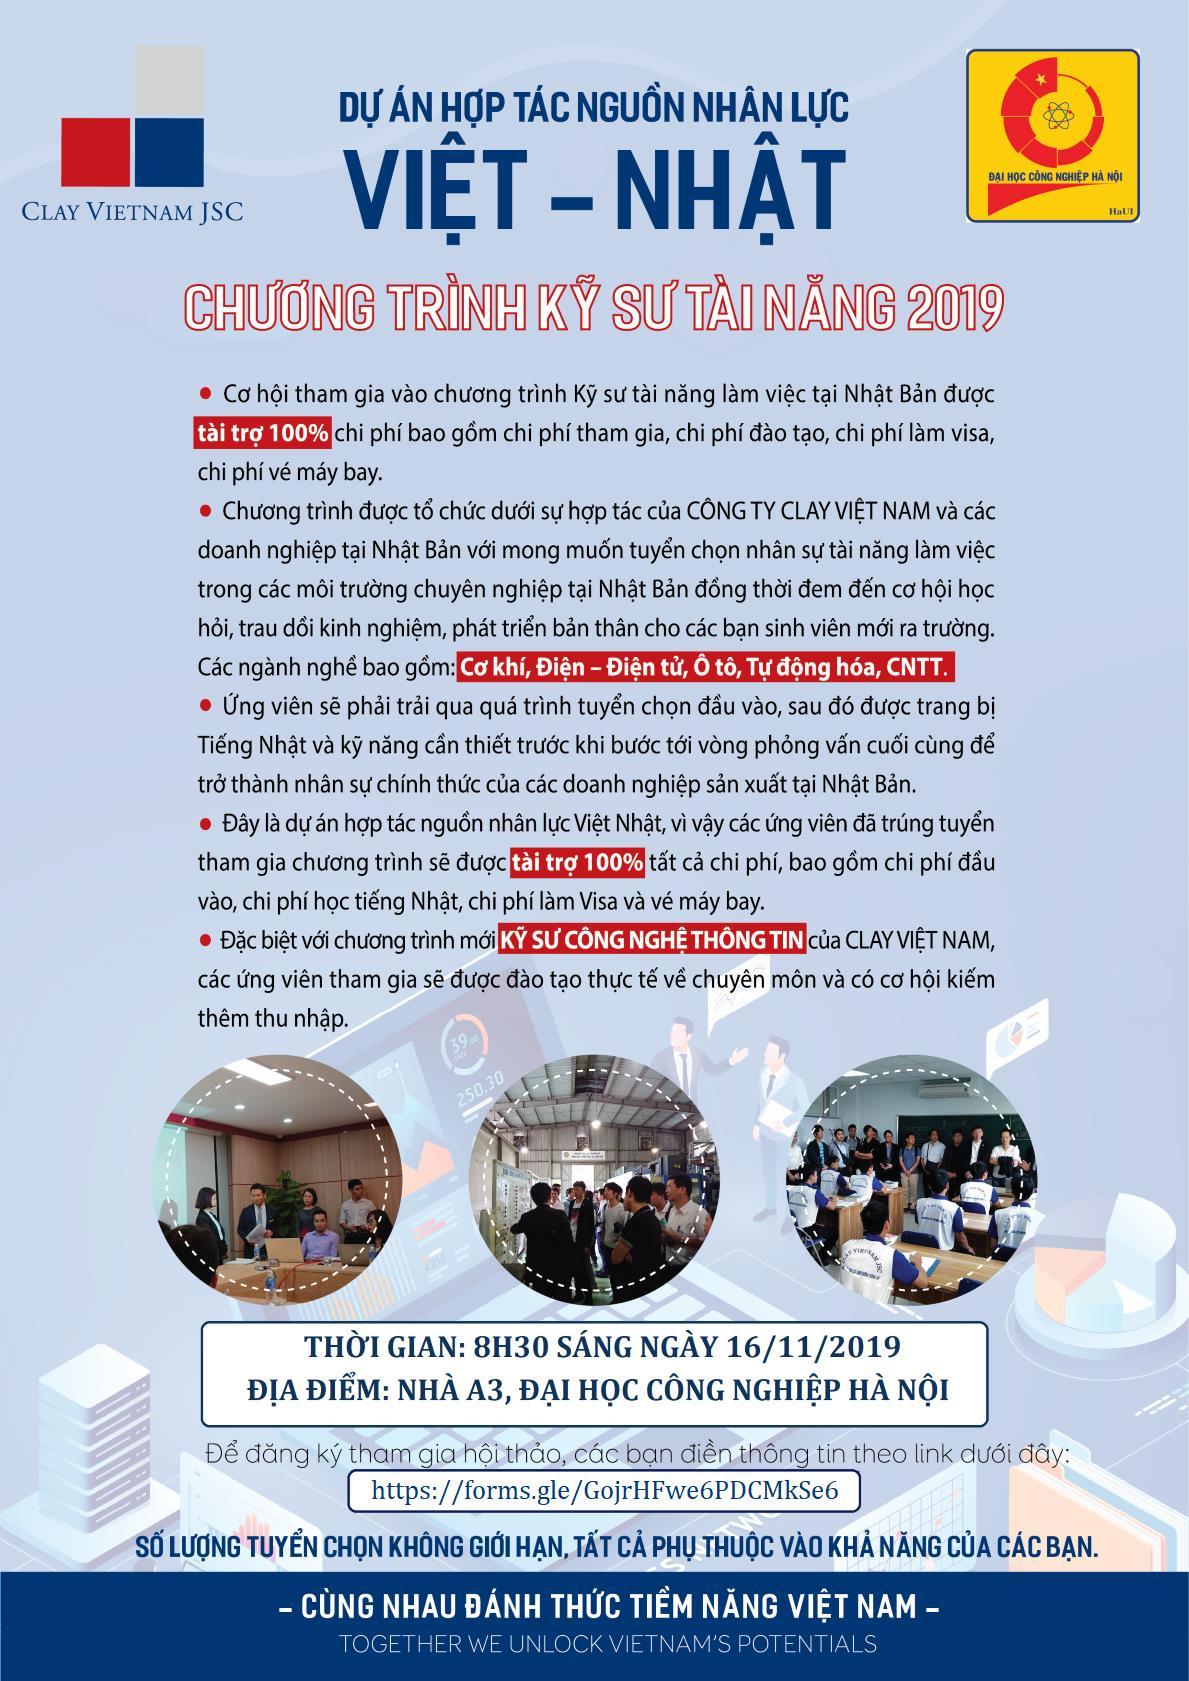 Hội thảo tuyển dụng của công ty Clay Việt Nam tại Đại hộc Công nghiệp Hà Nội